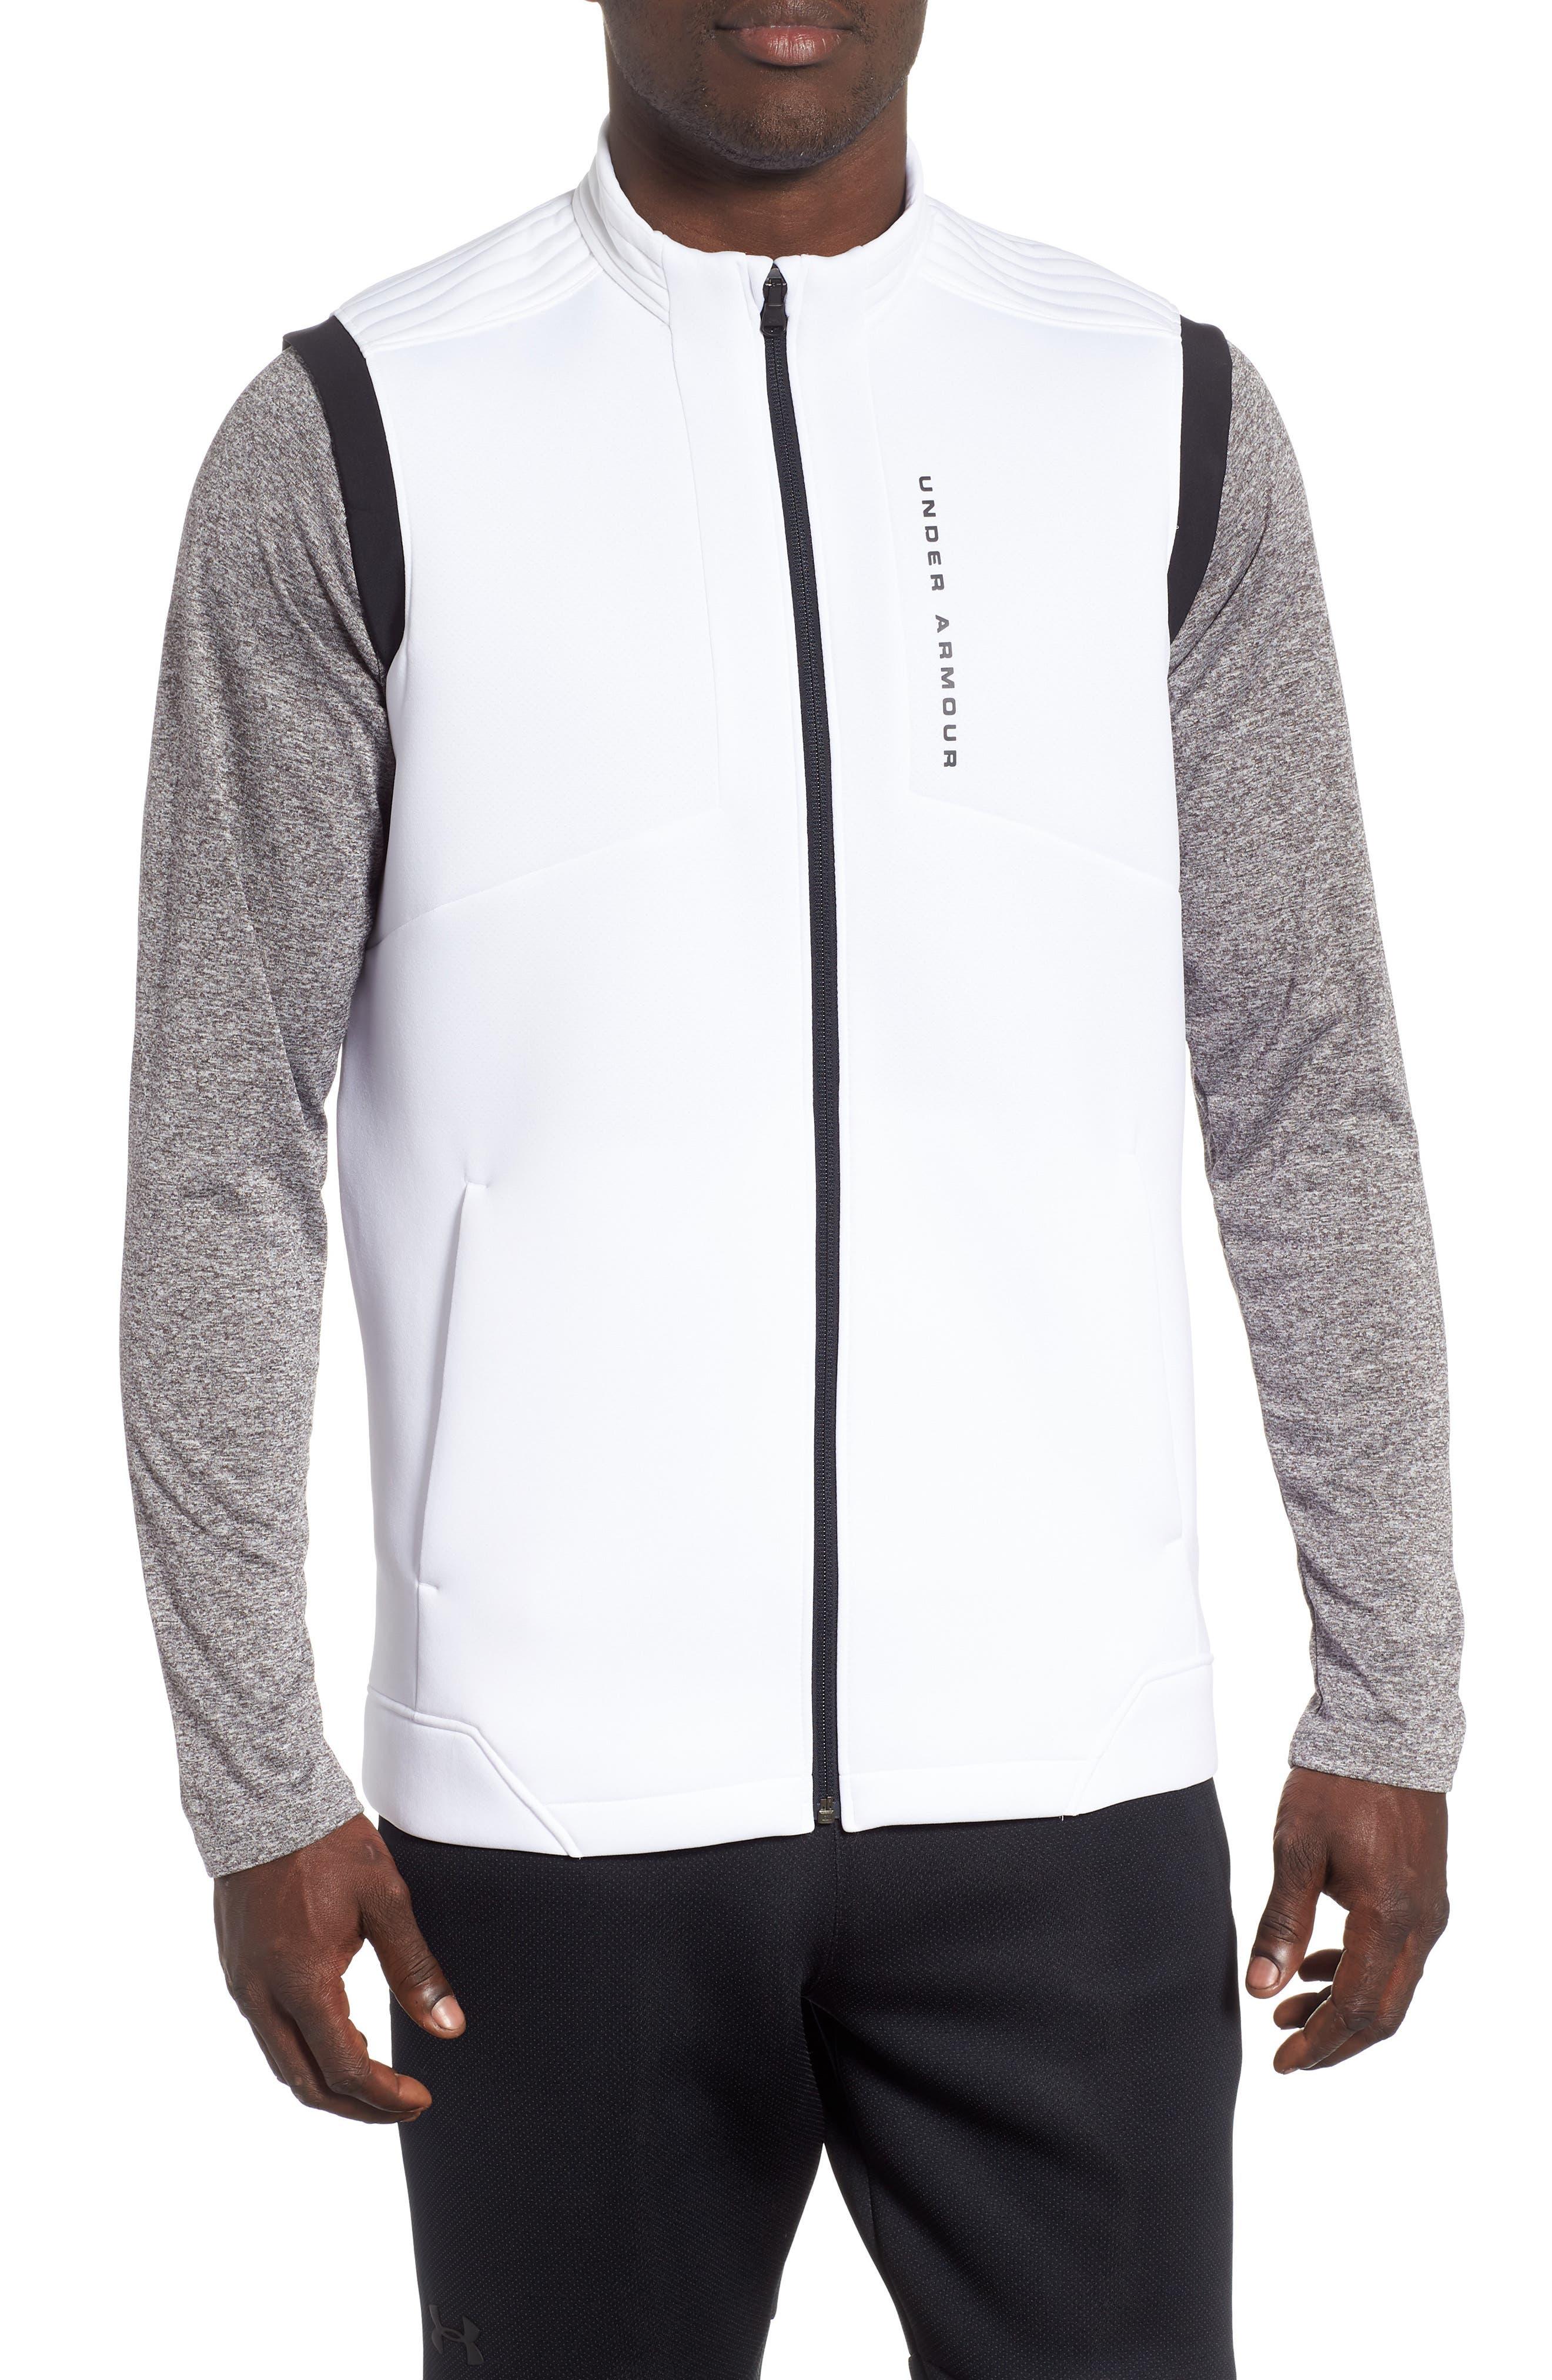 Storm Daytona Vest,                             Main thumbnail 1, color,                             WHITE/ BLACK/ BLACK